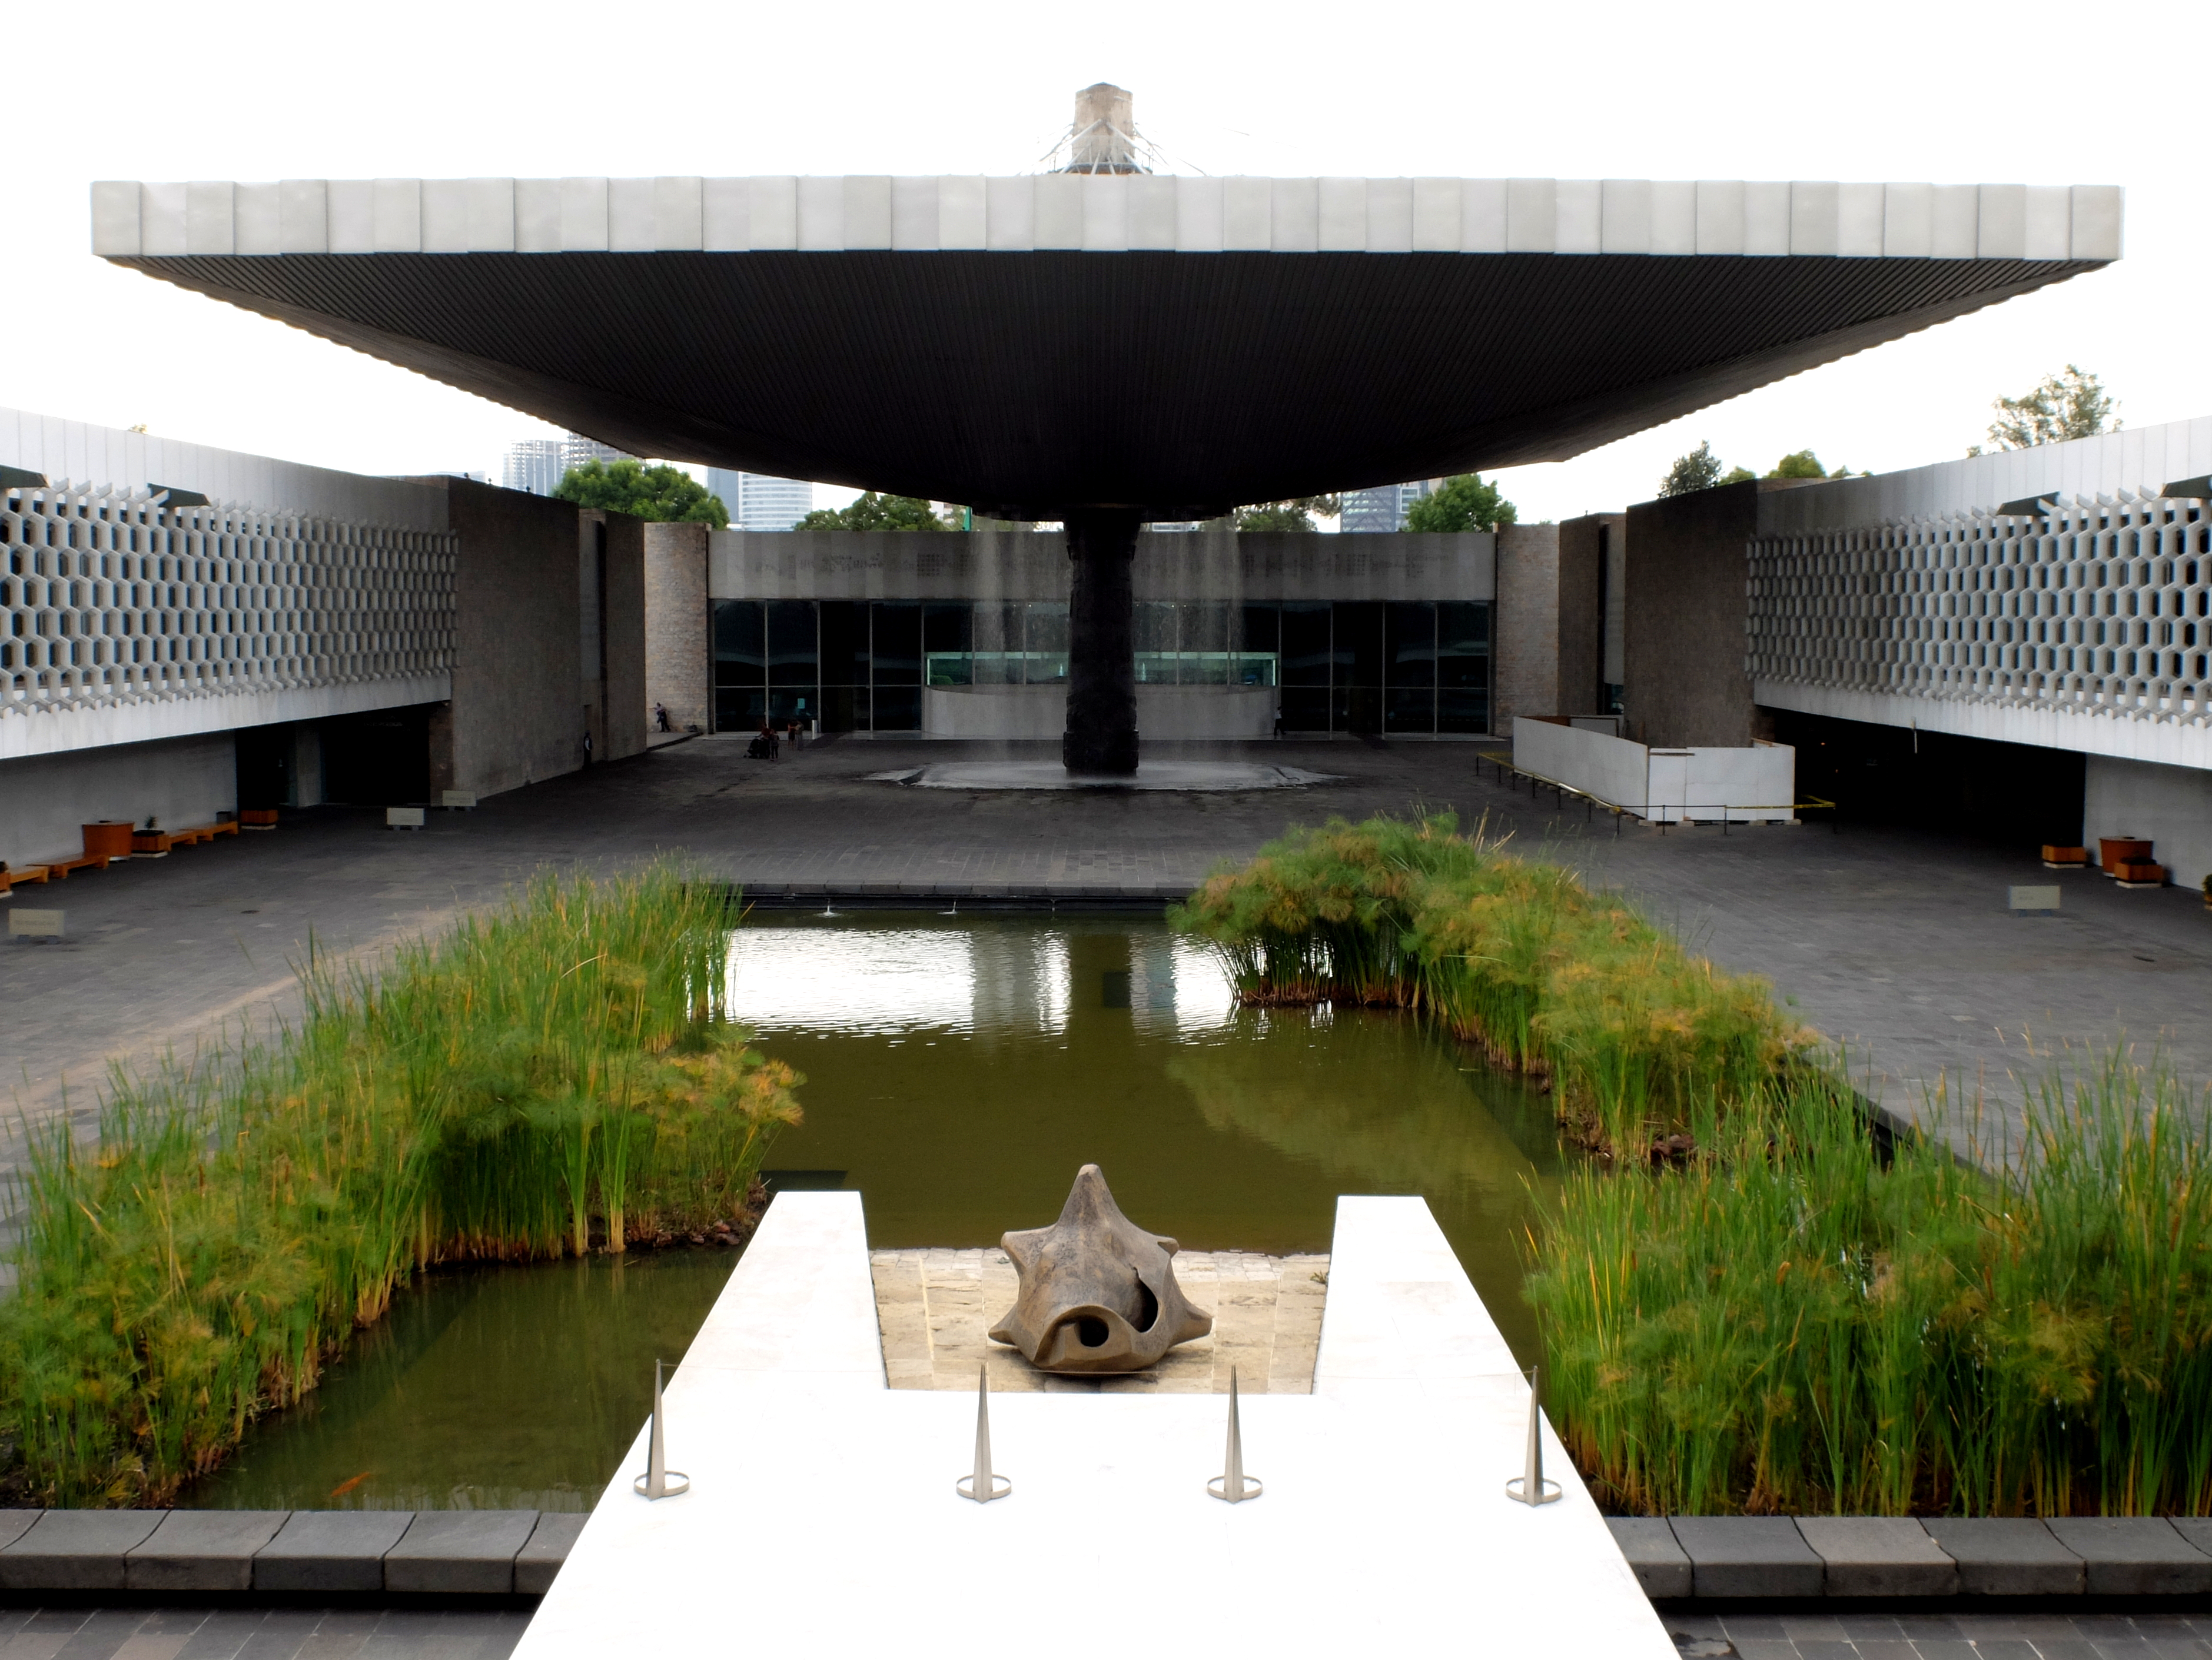 Ulusal Antropoloji Müzesi - Mexico City ile ilgili görsel sonucu